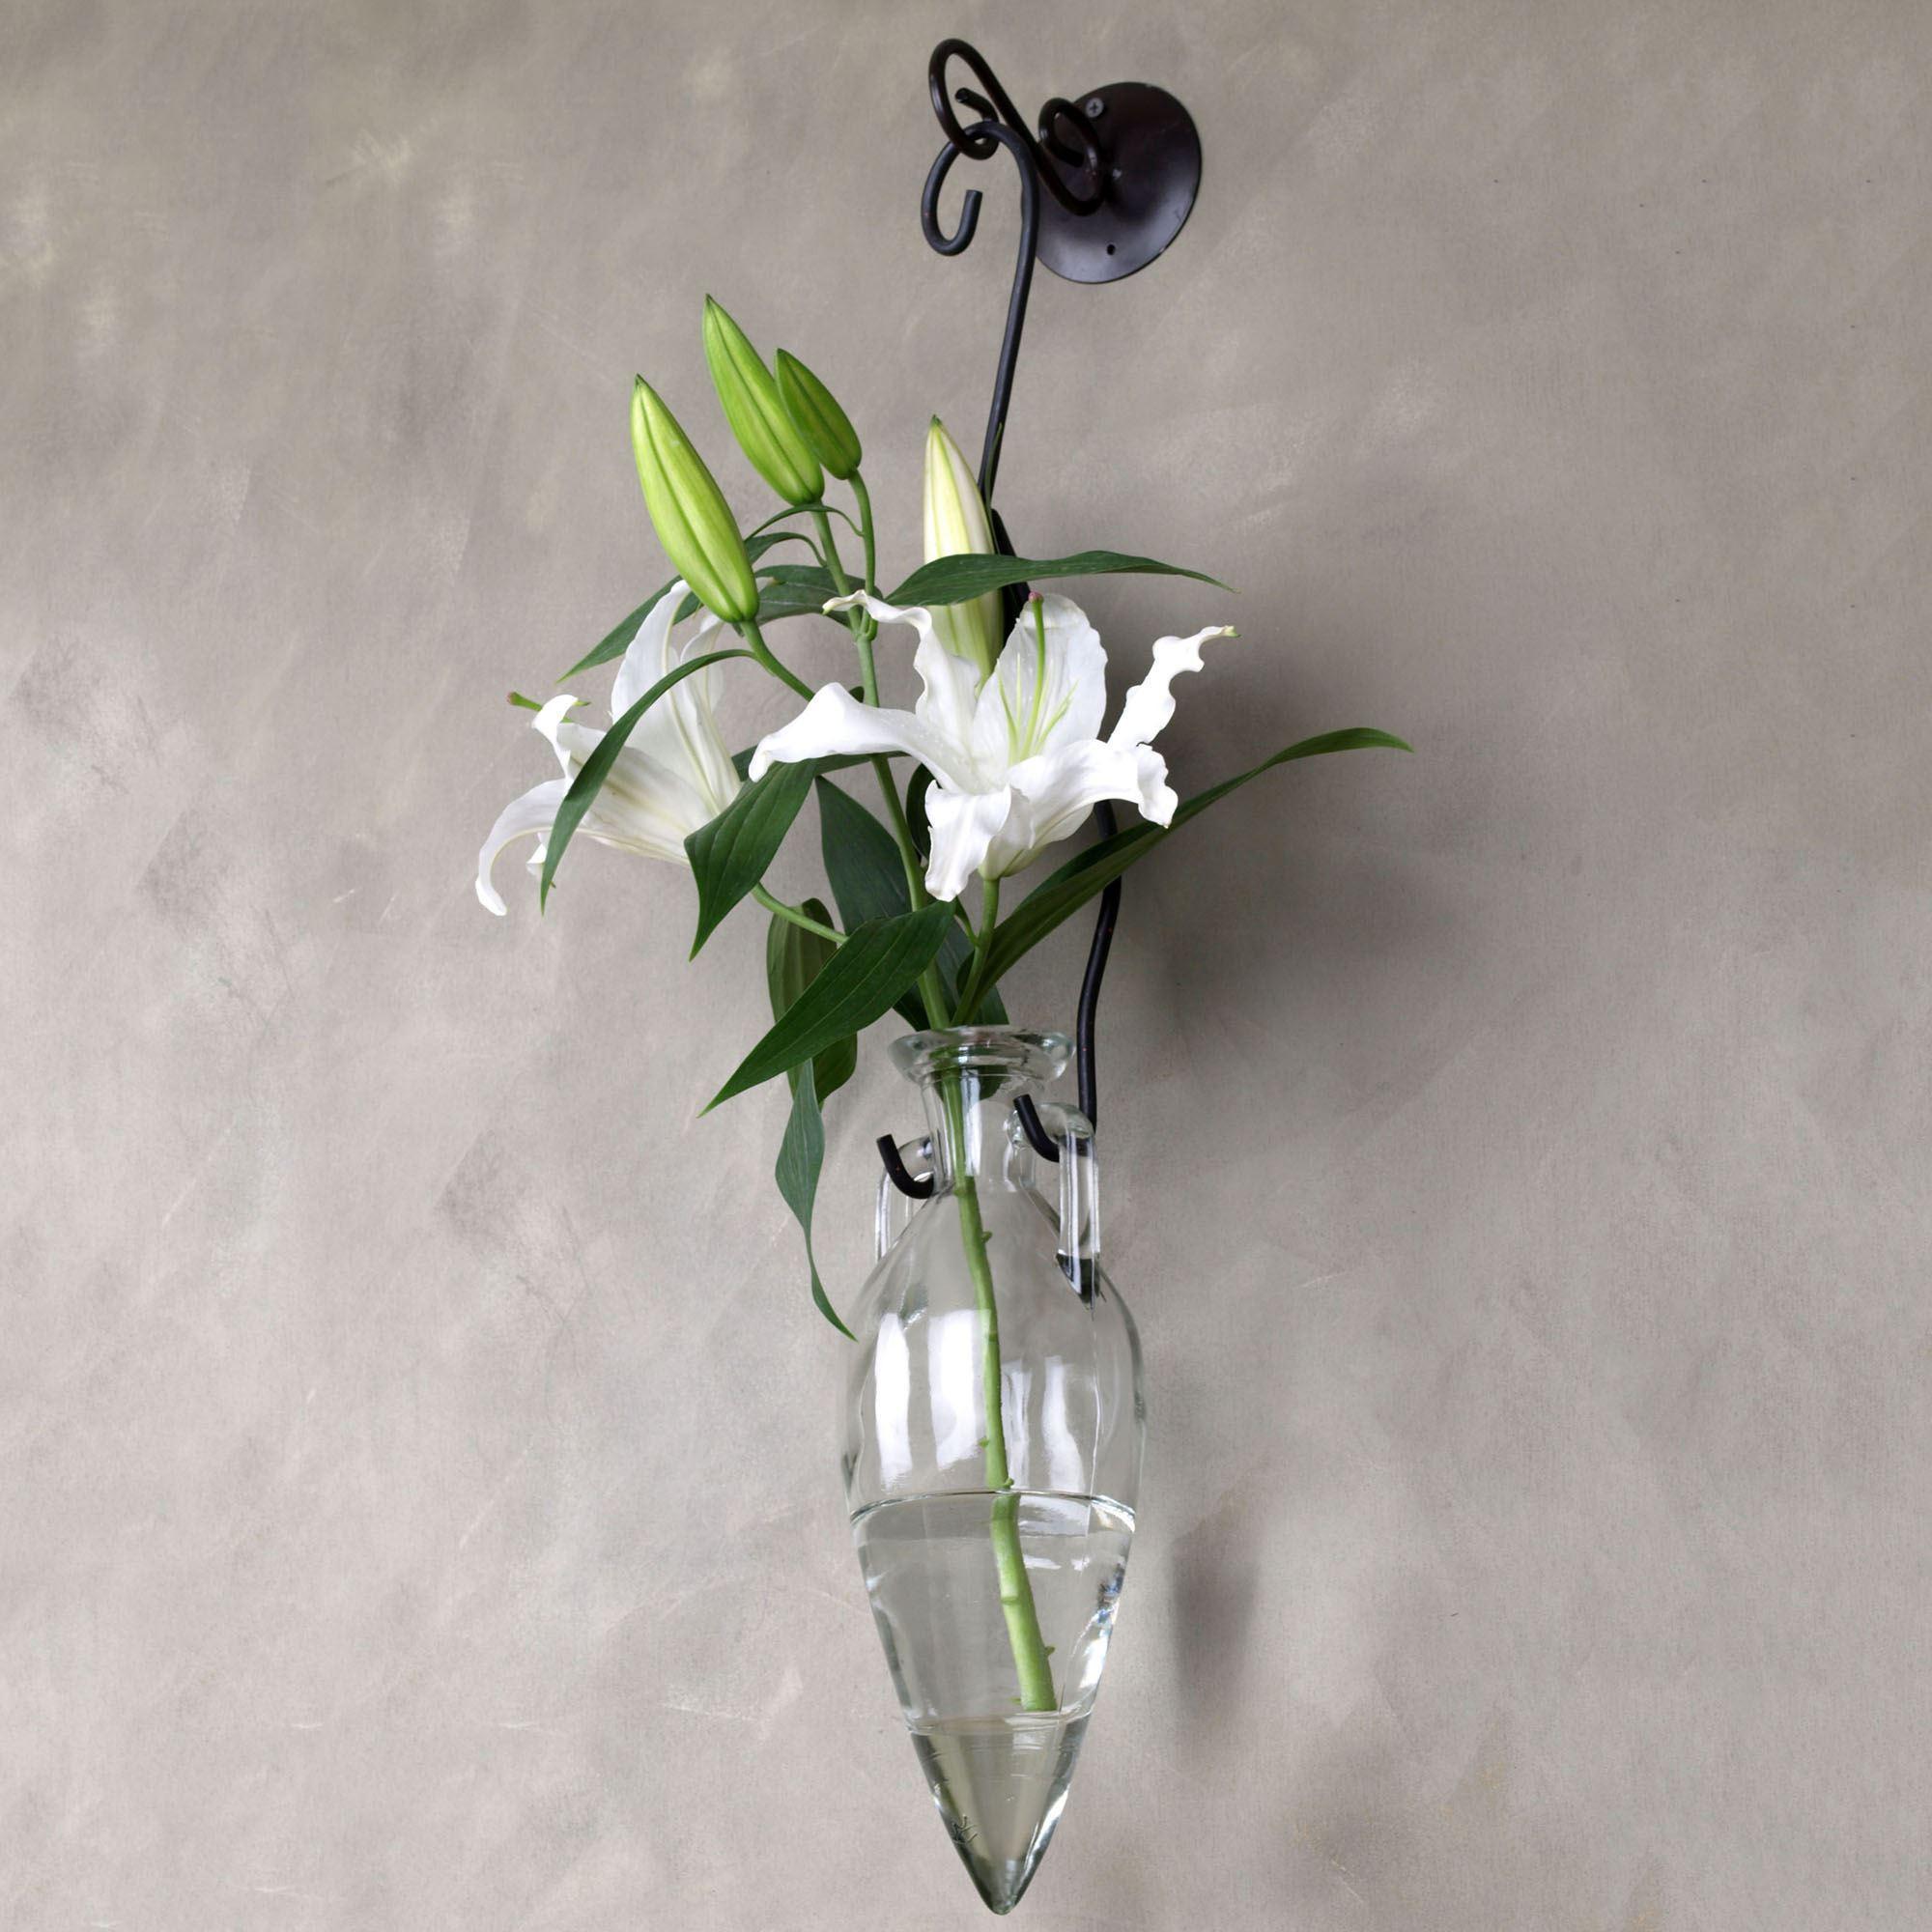 large vase floral arrangements of metal floral wall decor elegant h vases wall hanging flower vase for metal floral wall decor elegant h vases wall hanging flower vase newspaper i 0d scheme wall